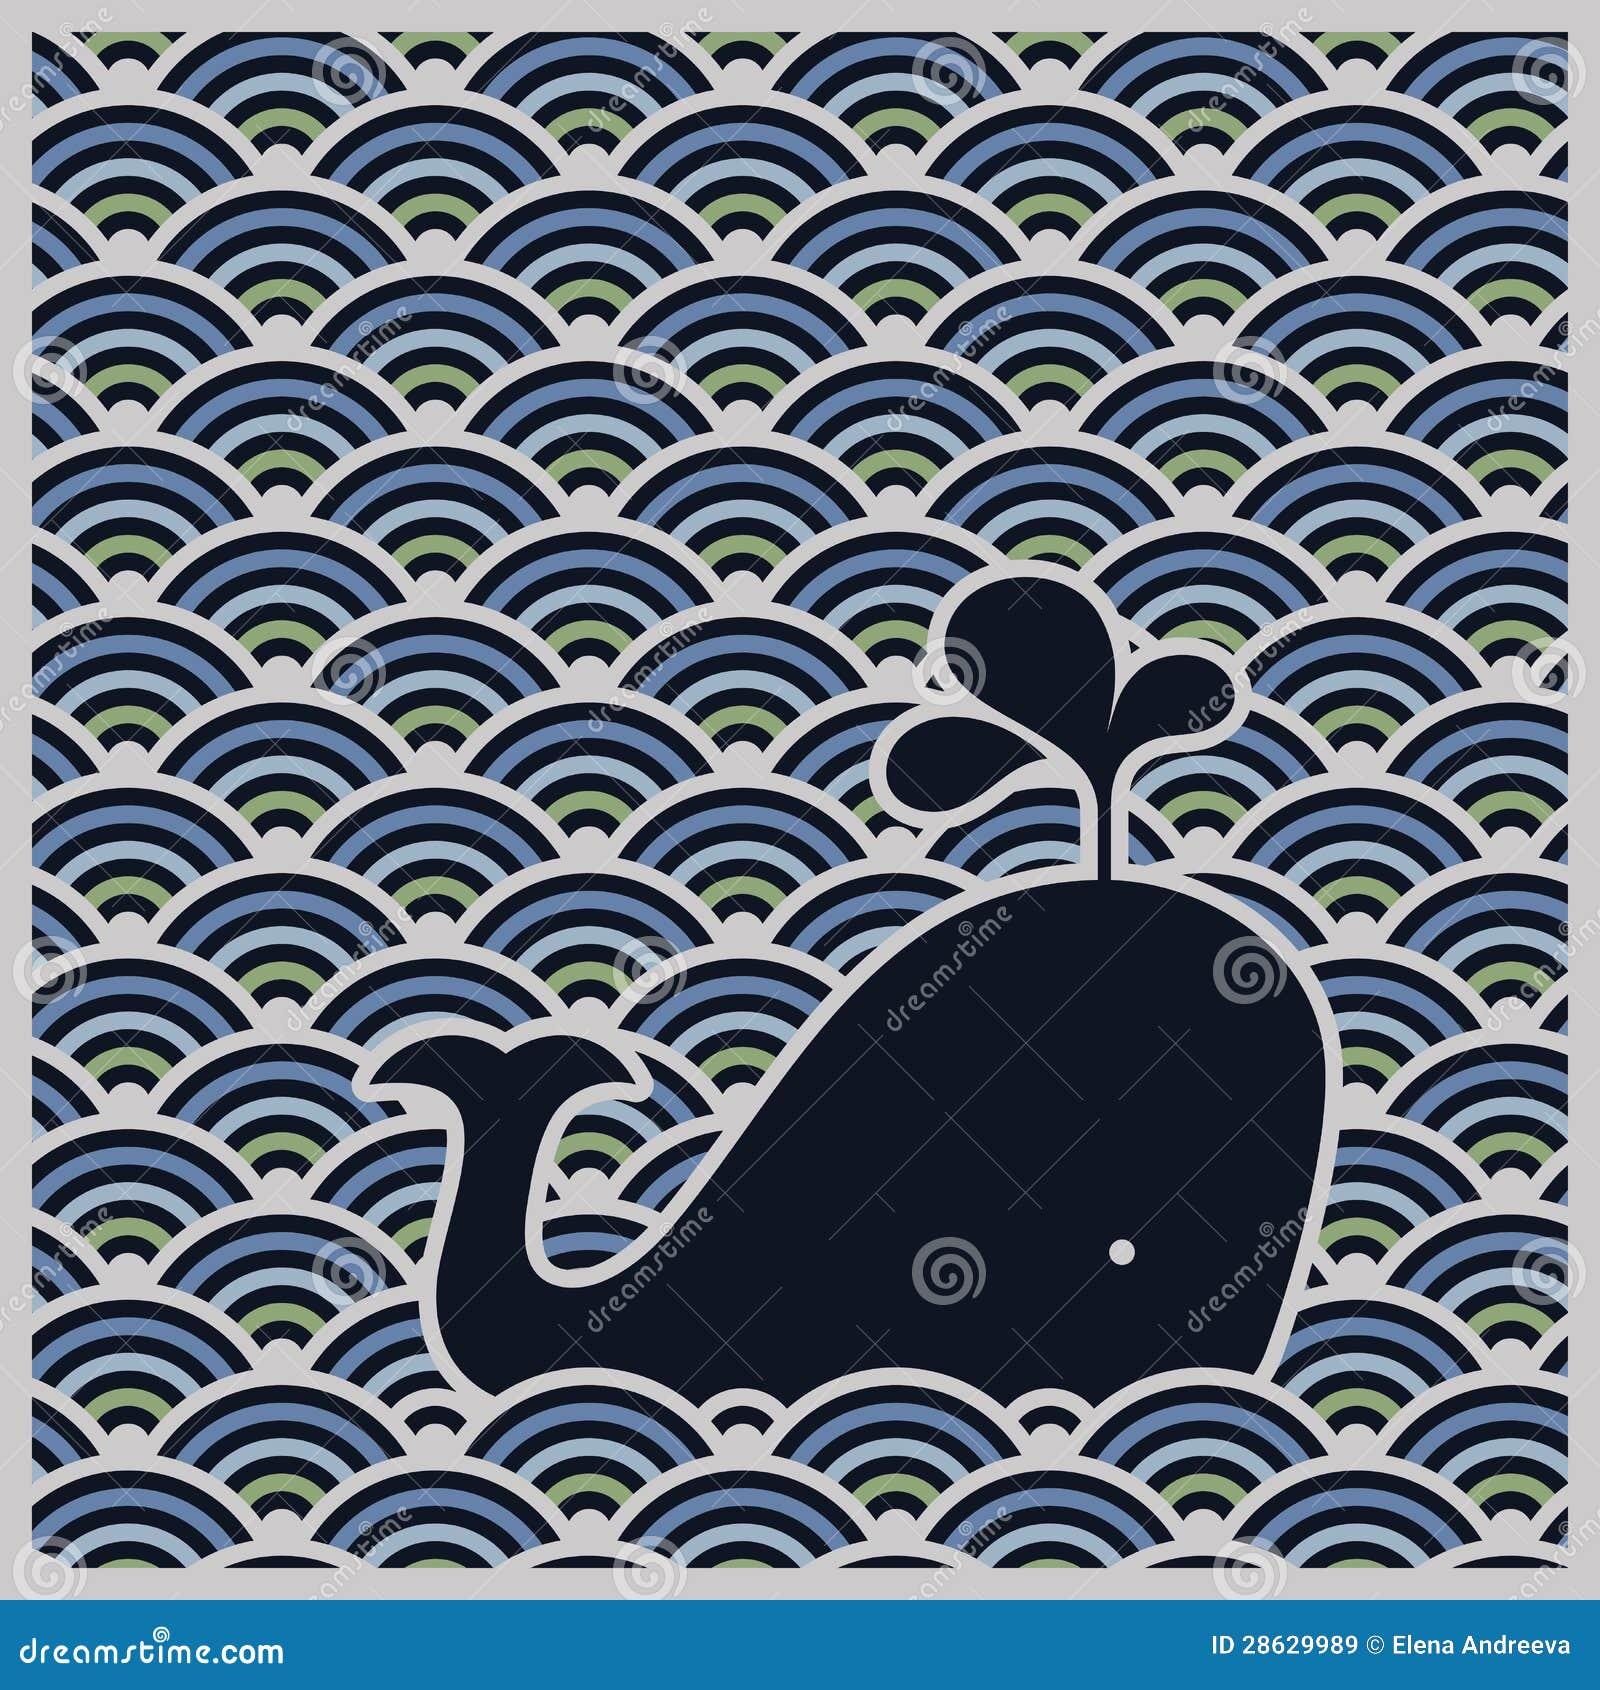 Άνευ ραφής κυματιστό πρότυπο με την μπλε φάλαινα - διάνυσμα